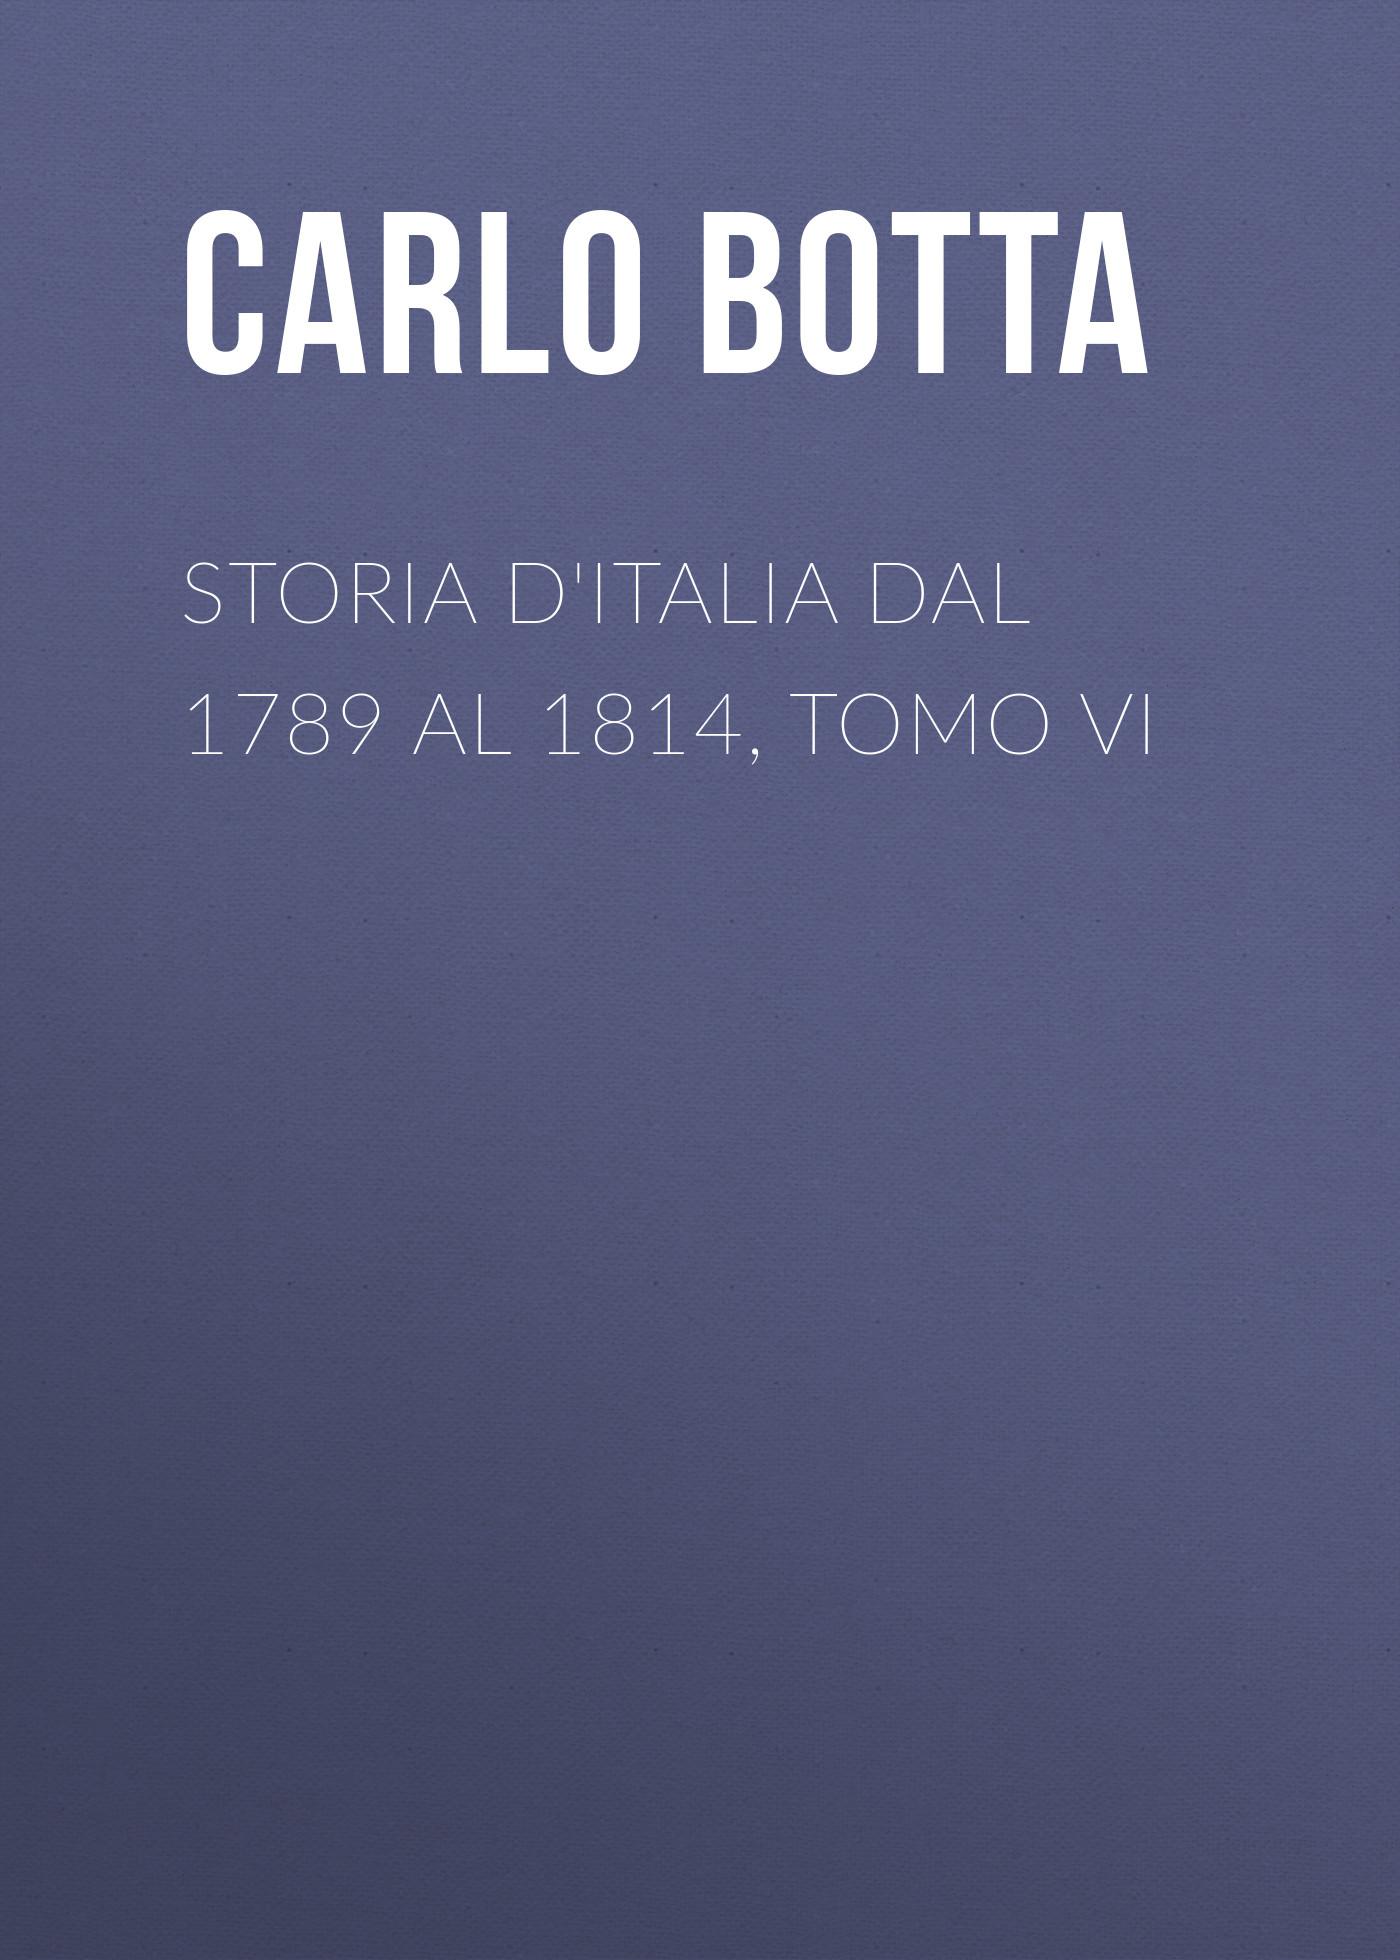 Botta Carlo Storia d'Italia dal 1789 al 1814, tomo VI charles botta histoire d italie de 1789 a 1814 t 3